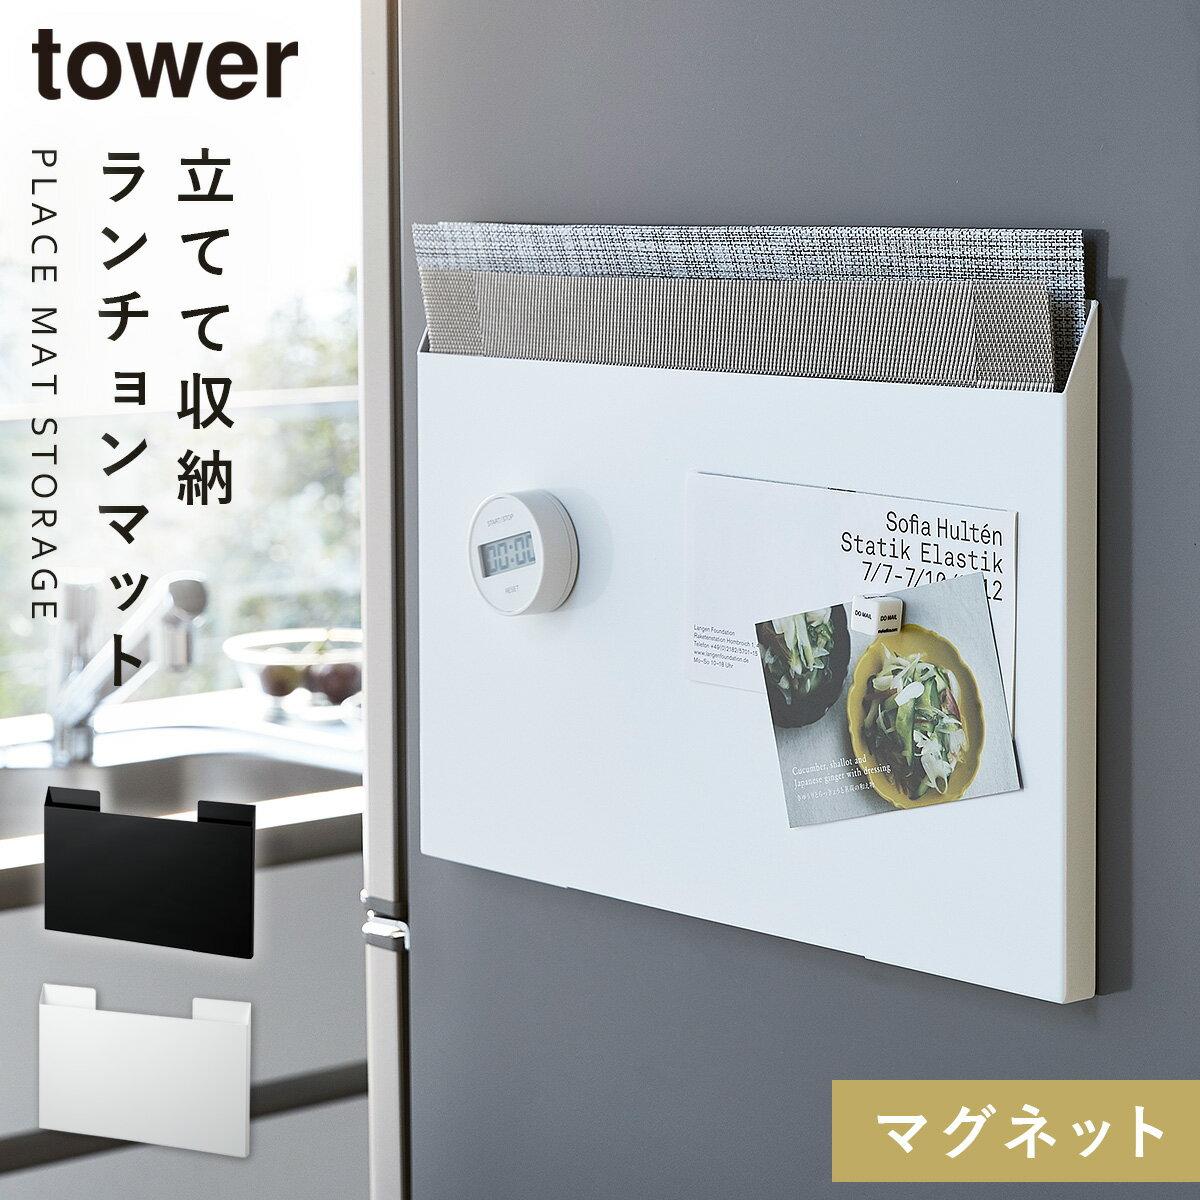 ランチョンマット 収納 マグネット 冷蔵庫 ランチョンマット収納タワー